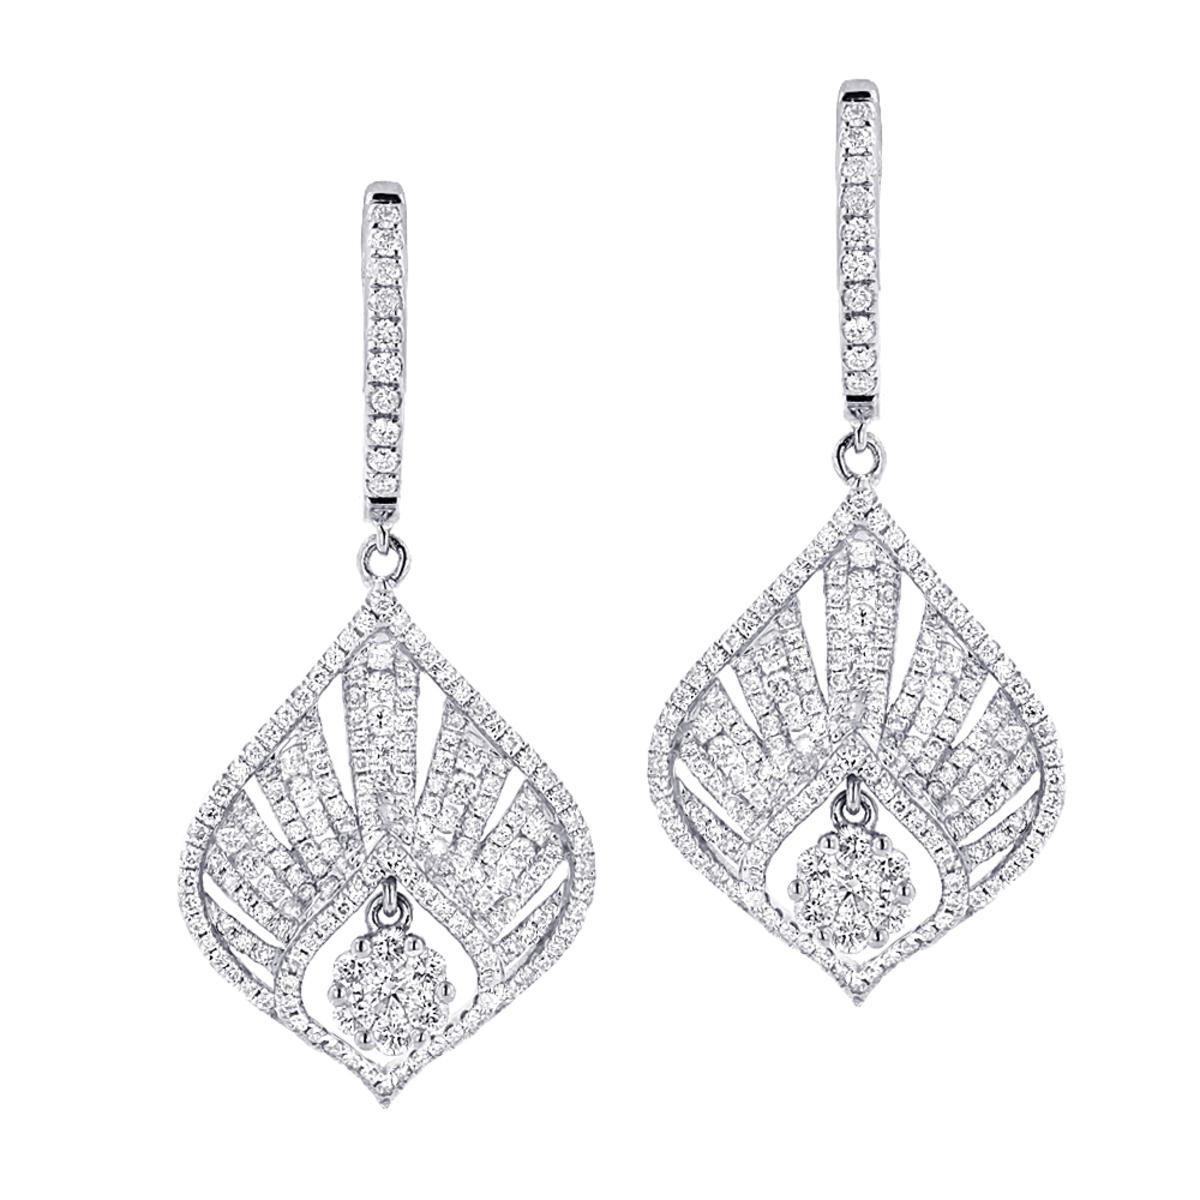 Unique Diamond Drop Earrings For Women 2.4ct 14k Gold